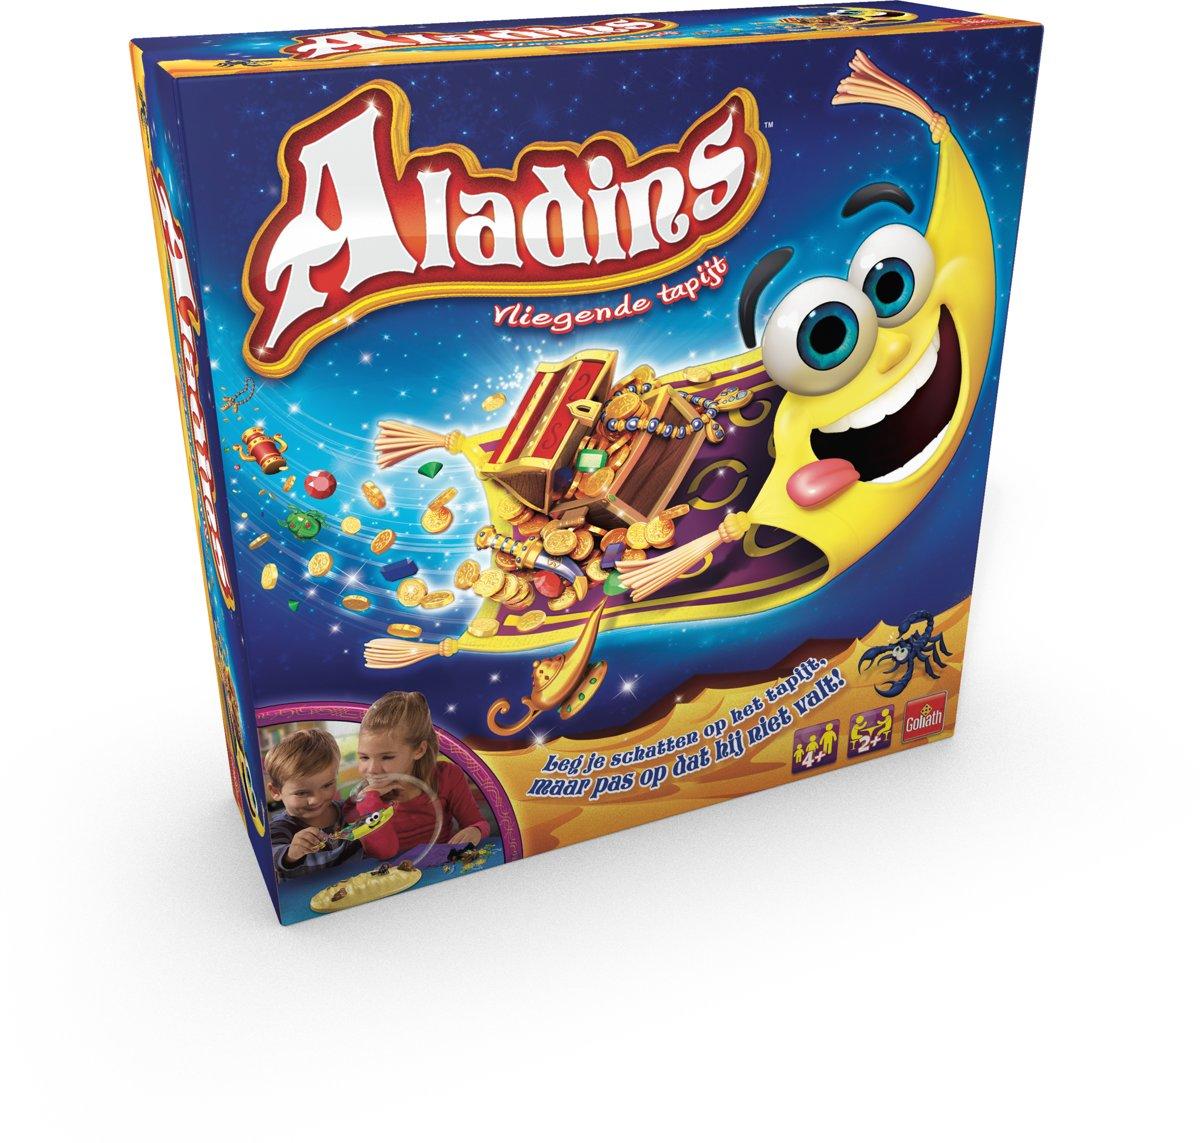 Aladins vliegende tapijt - Kinderspel - Goliath kopen